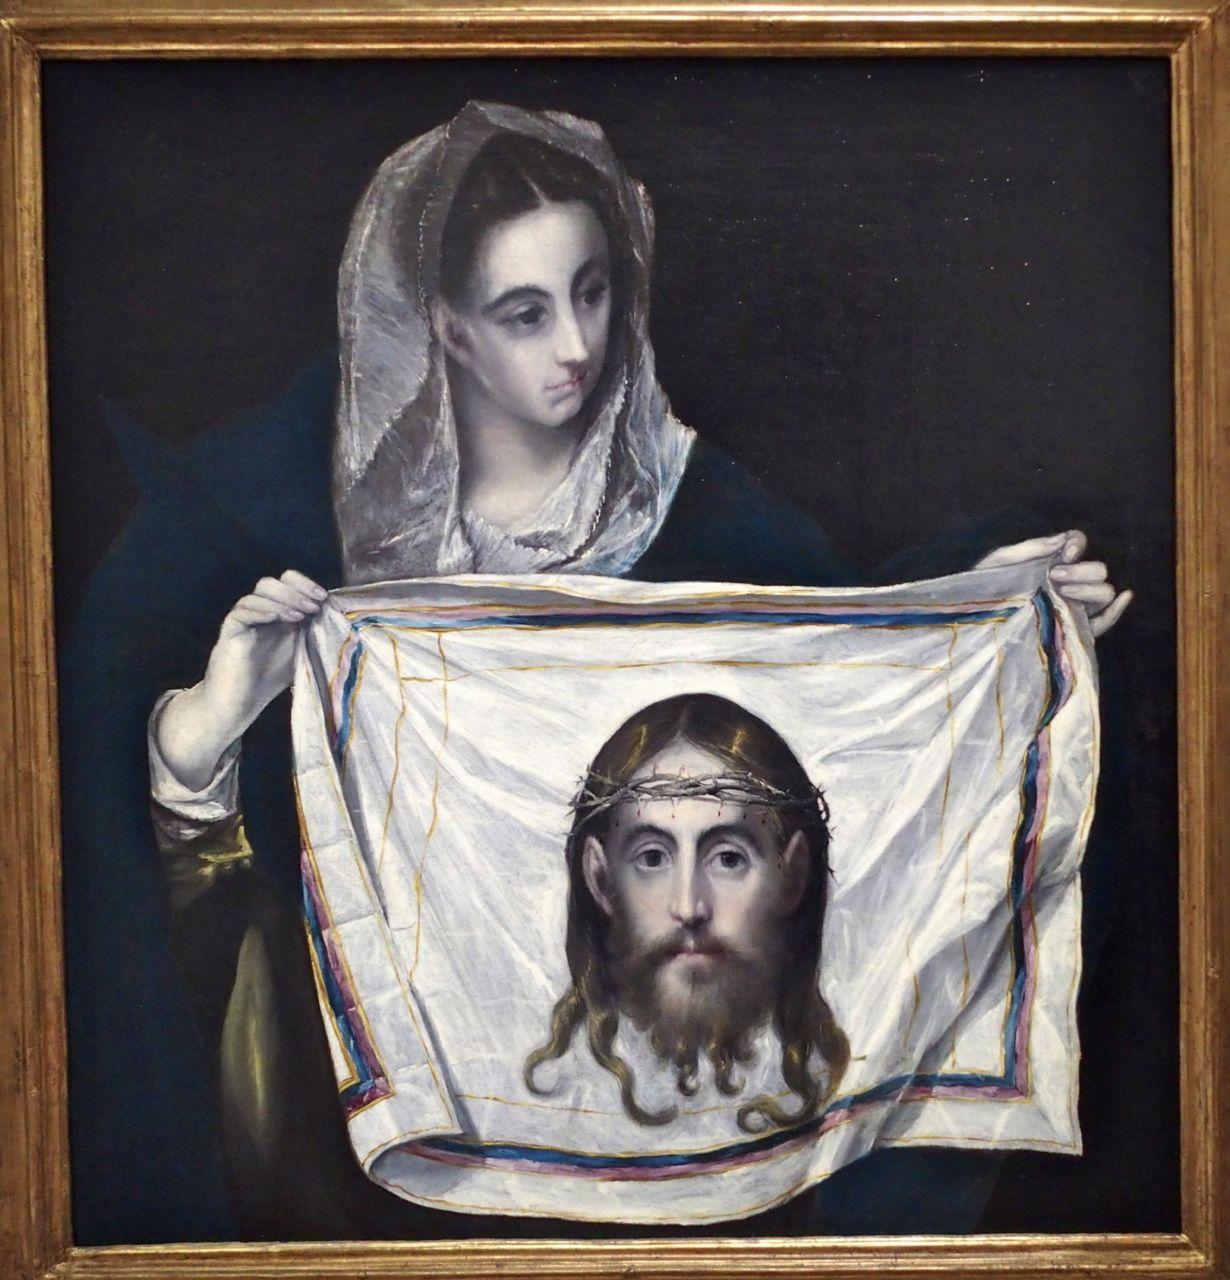 La Mise En Abyme Altersexualite Com